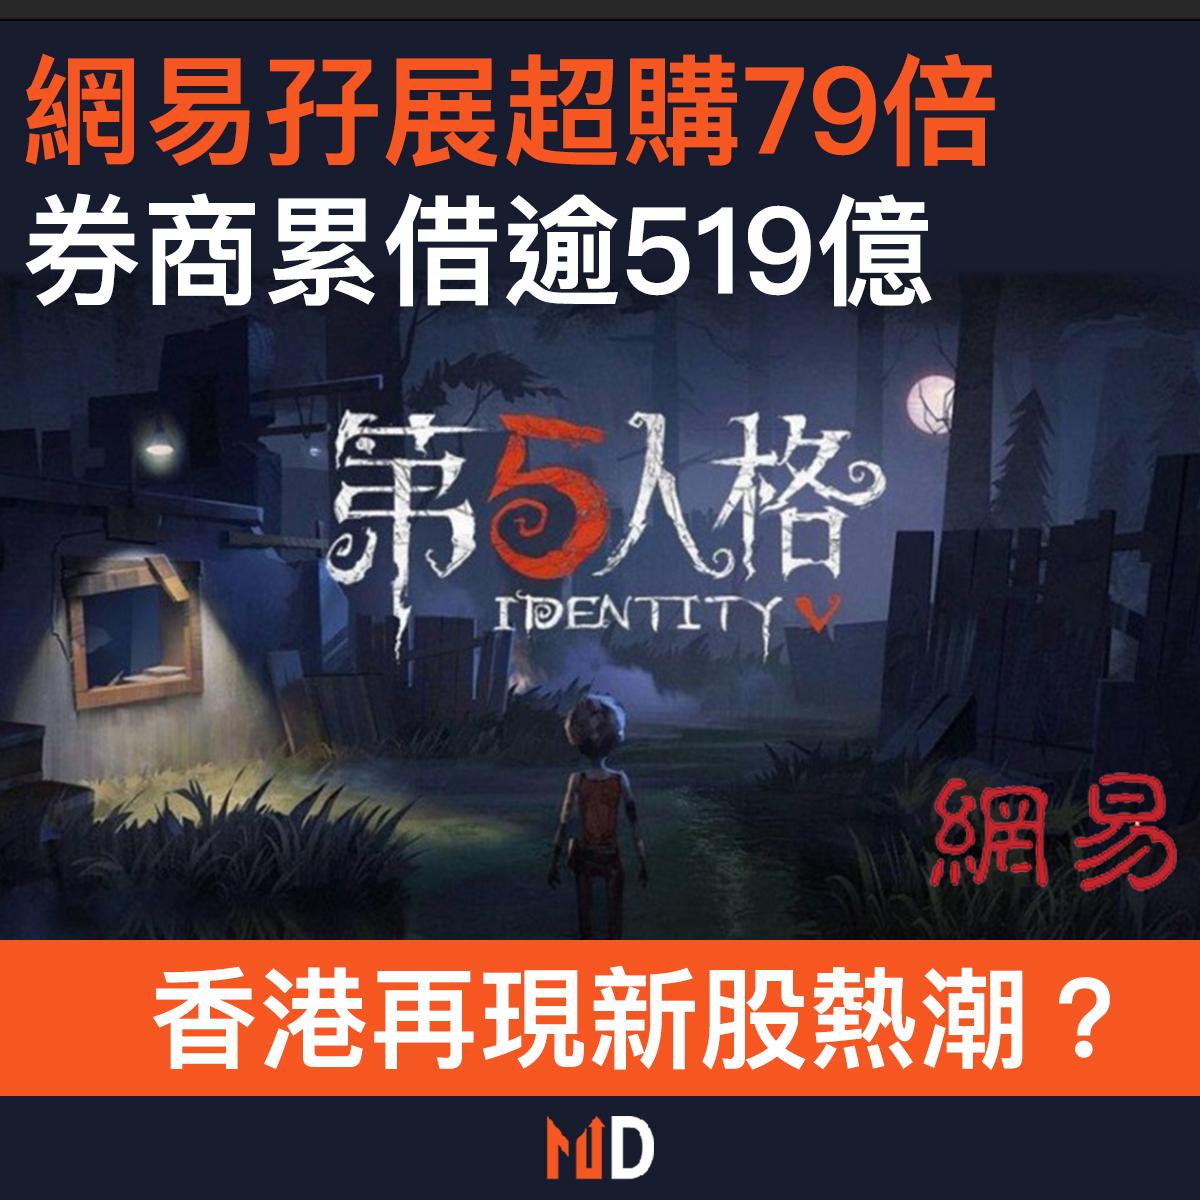 【新股速遞】網易次日孖展超購79倍,券商累借逾519億